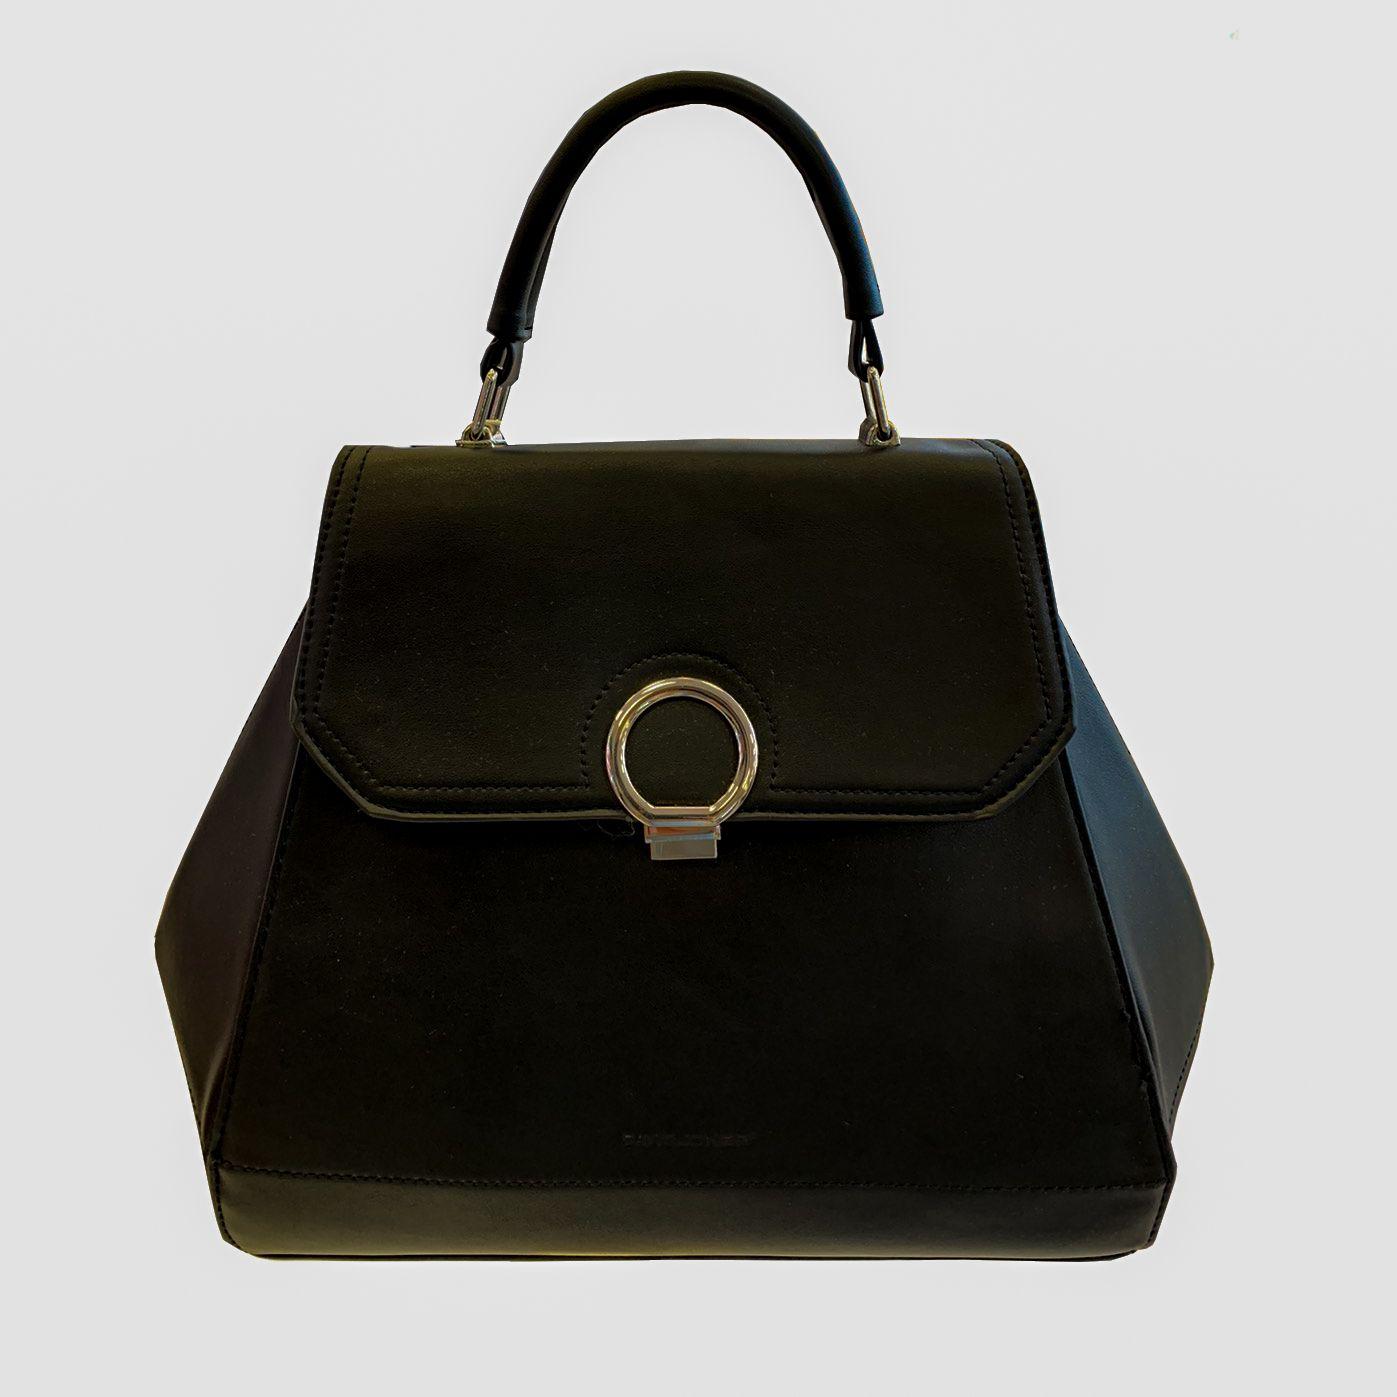 کیف دستی زنانه دیوید جونز کد 6317-1 -  - 16